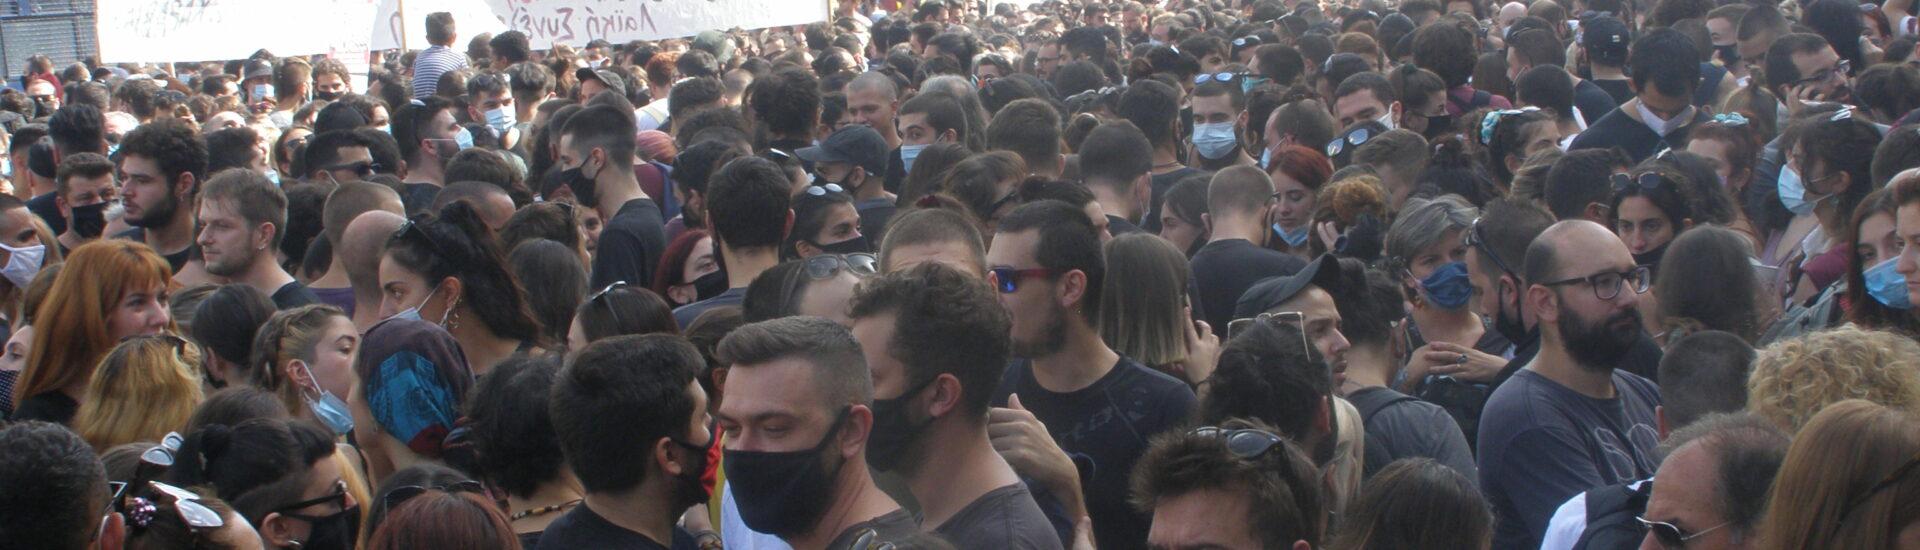 Εφετείο: Μέσα οι φασίστες καταδικάζονται-Έξω τα ΜΑΤ χτυπάνε τους διαδηλωτές